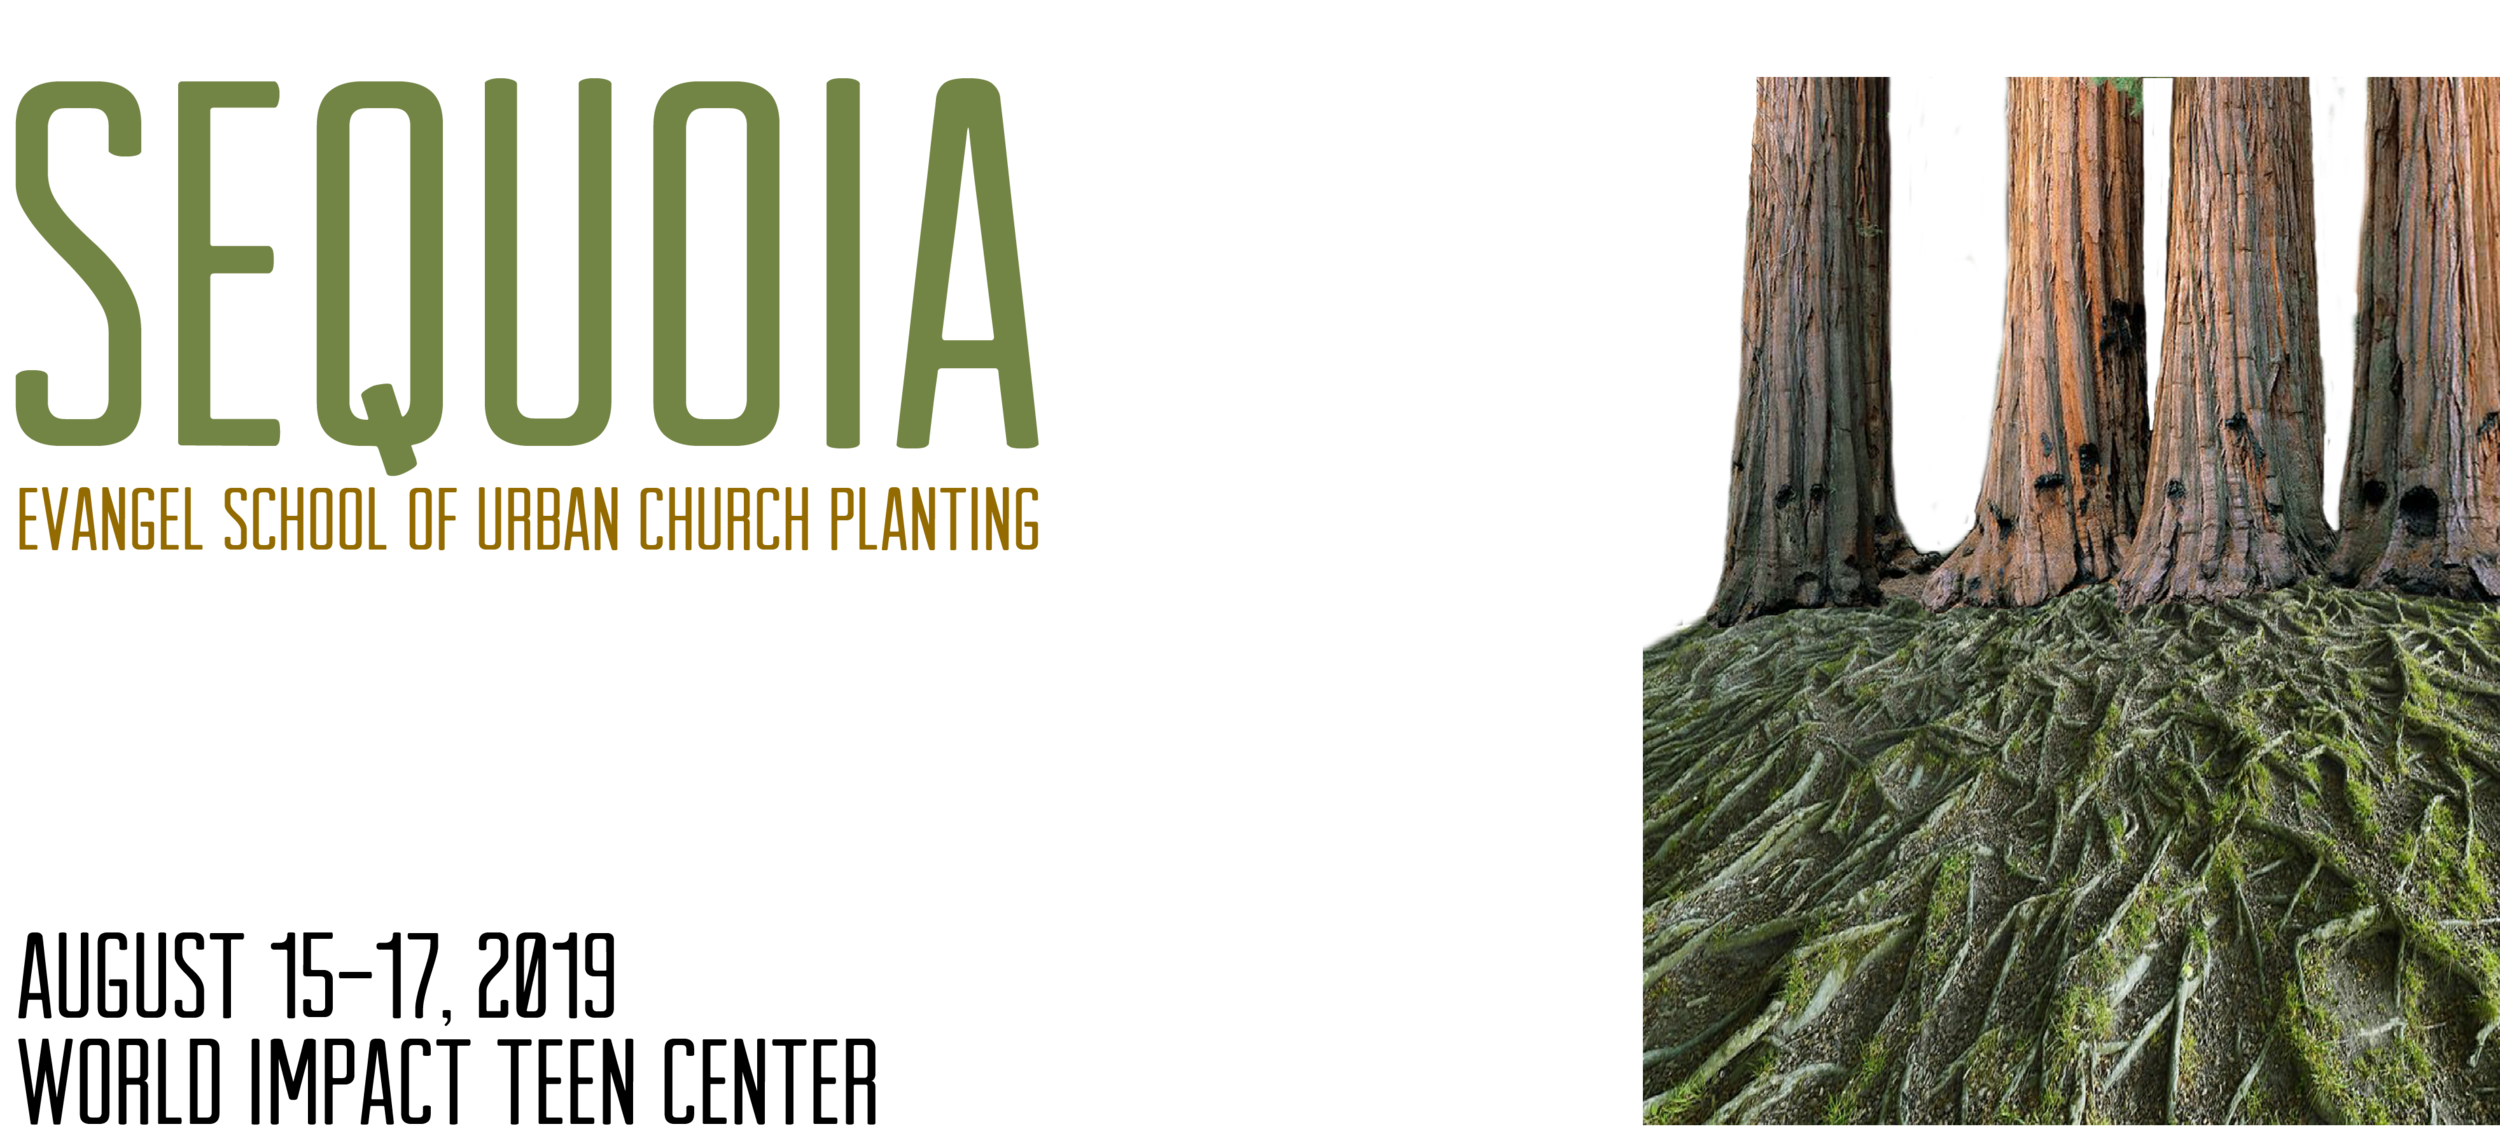 Sequoia Evangel CPS web header.png